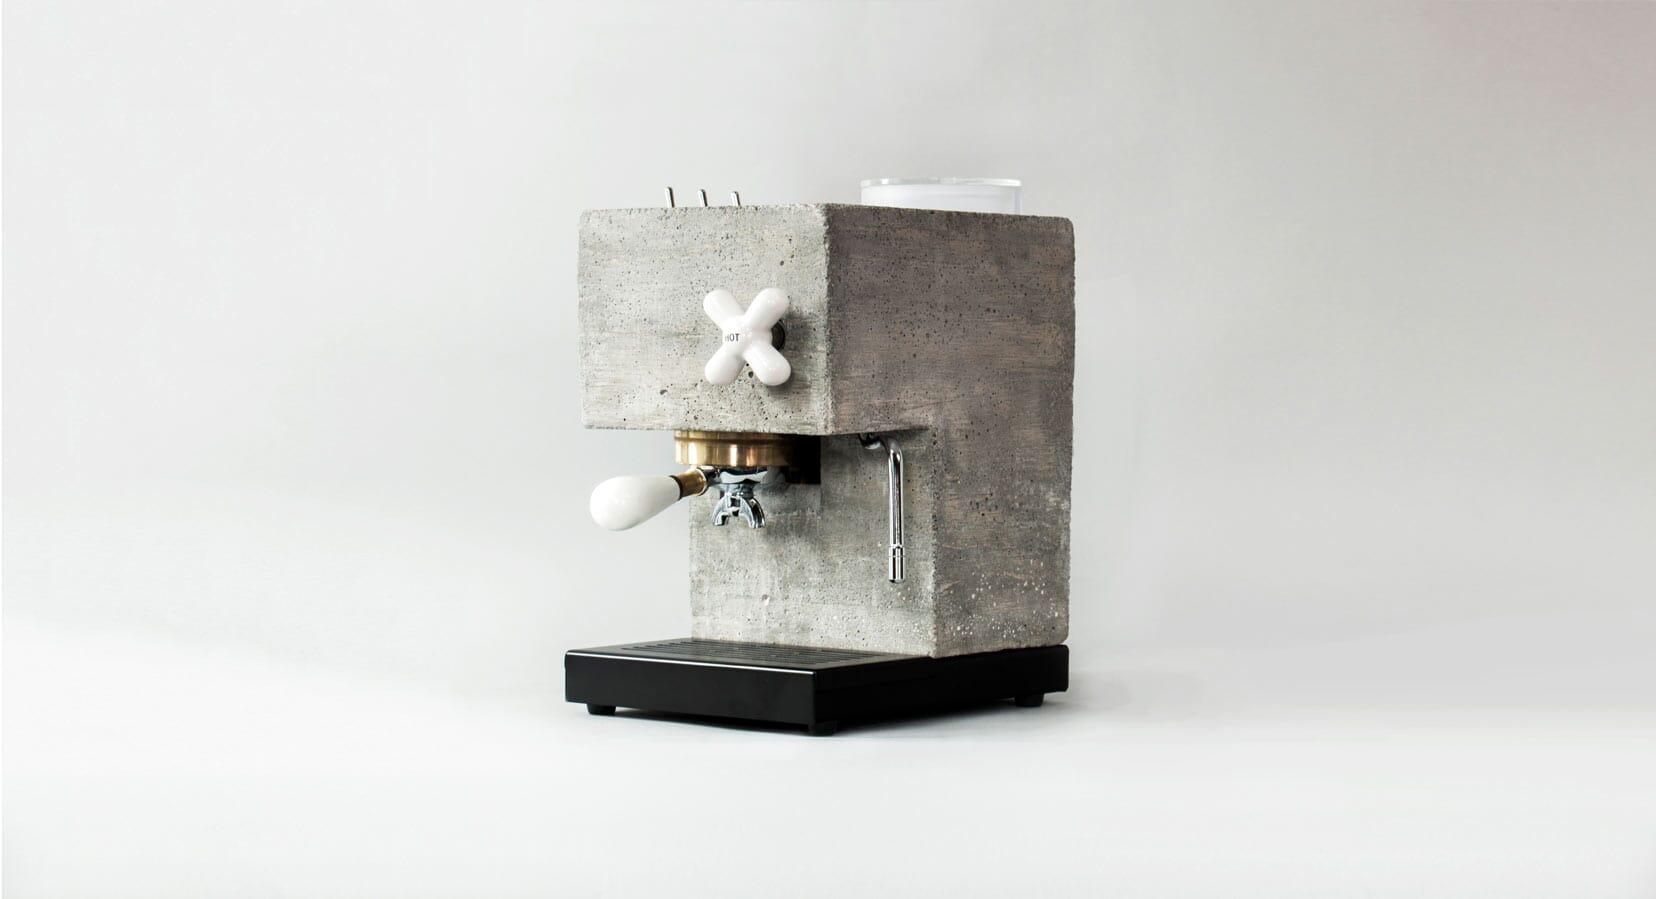 Introducing The Anza Concrete Espresso Machine